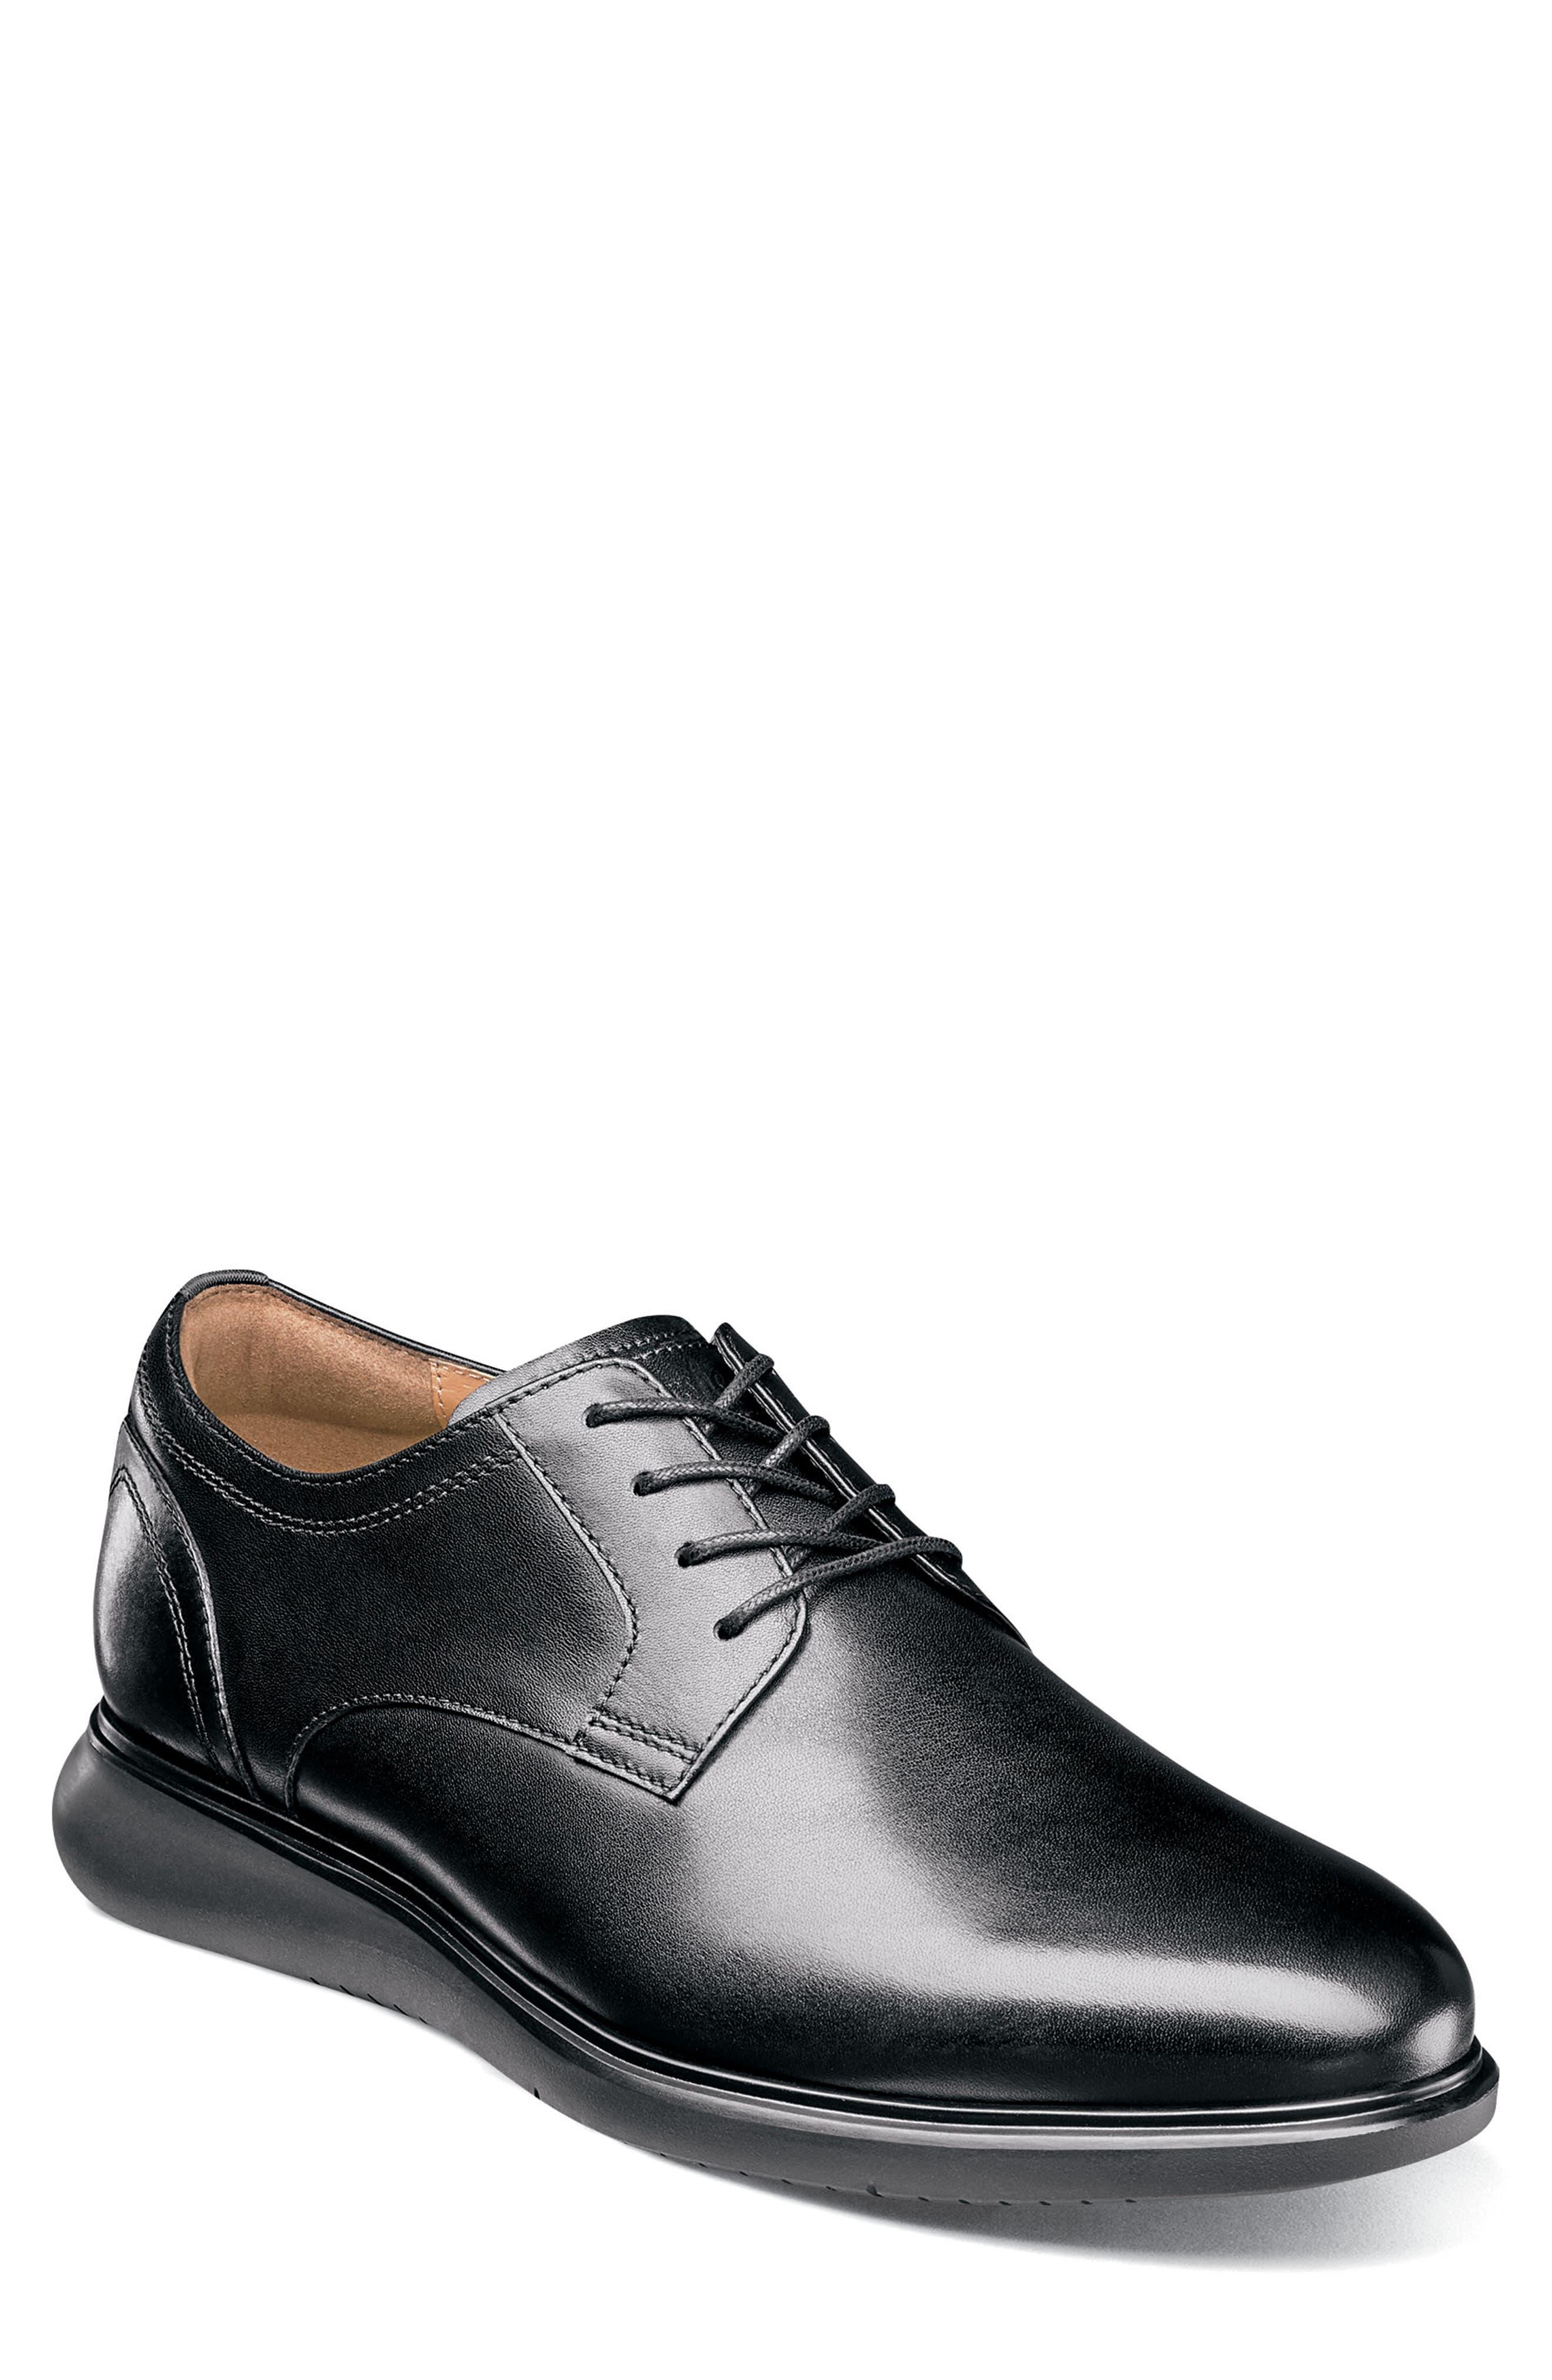 Fuel Plain Toe Derby,                         Main,                         color, BLACK LEATHER